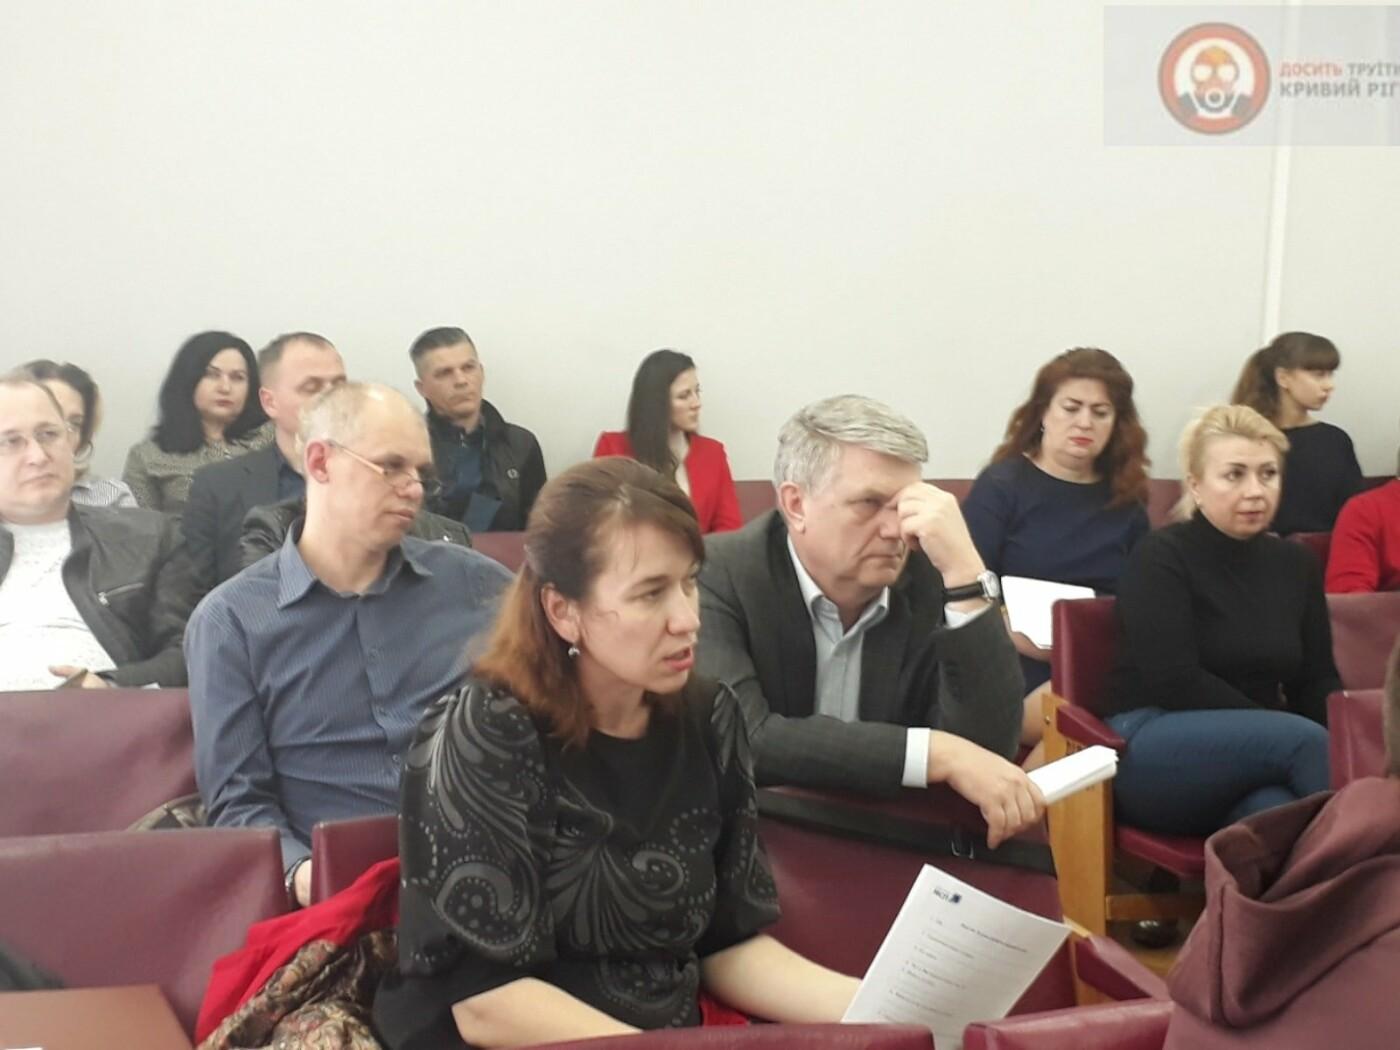 Эко-активисты подали предложения по решению проблемы обращения с опавшими листьями в Кривом Роге, - ФОТО , фото-2